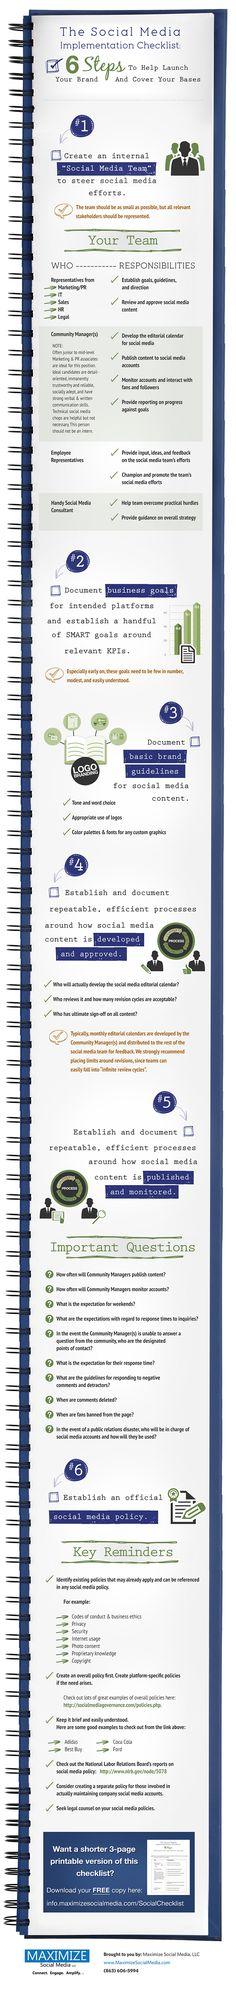 چک لست به کارگیری شبکه های اجتماعی The Social Media Implementation Checklist - 6 Steps To Help Launch Your Brand And Cover Your Bases Social Media Branding, Social Media Tips, Social Networks, Social Media Marketing, Digital Marketing, Content Marketing, Personal Branding, Marketing Dashboard, Marketing Trends